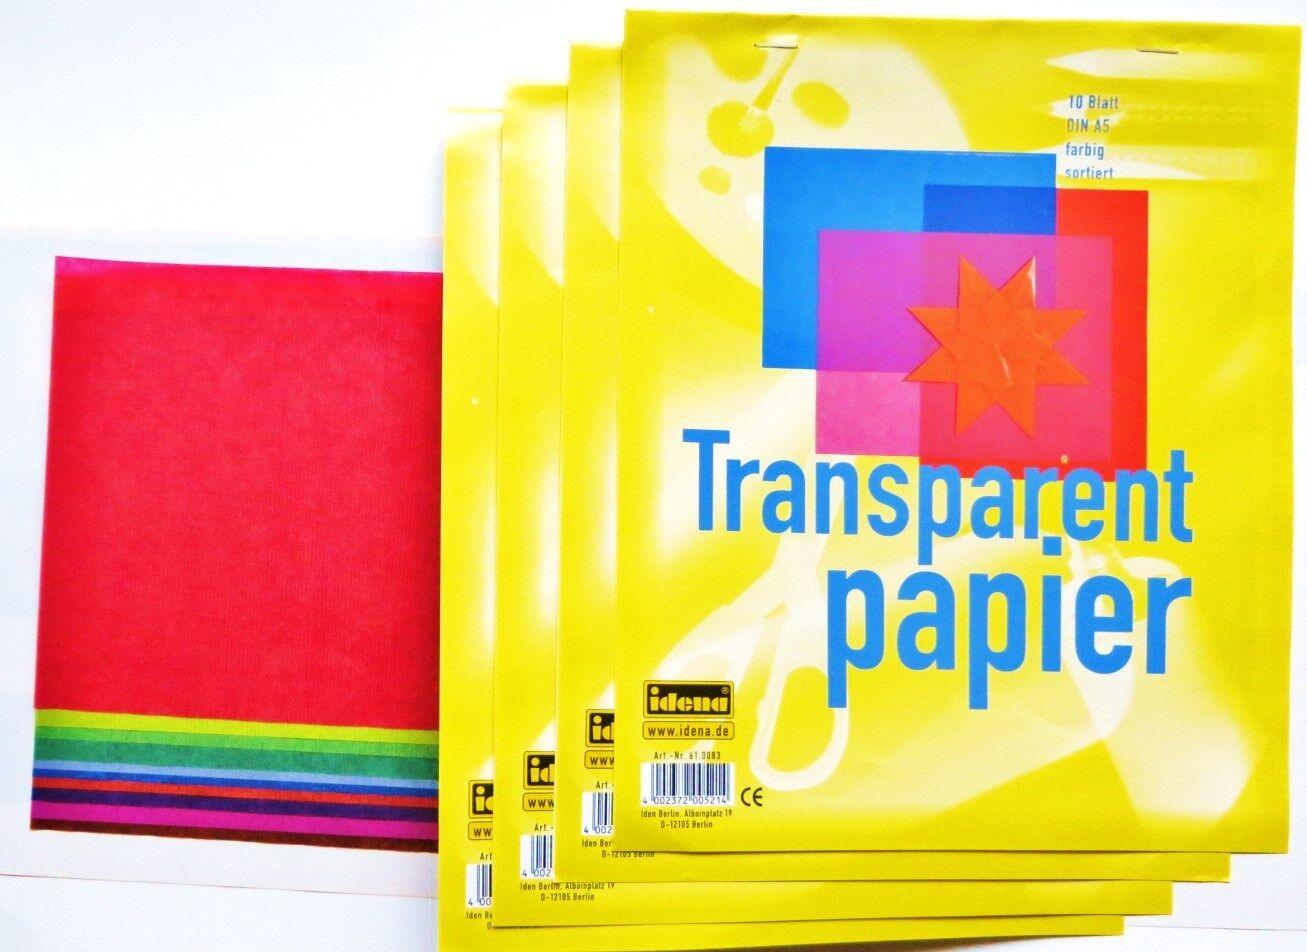 4 x 10 Blatt Transparentpapier DIN A5 Bastelpapier Transparentbastelpapier